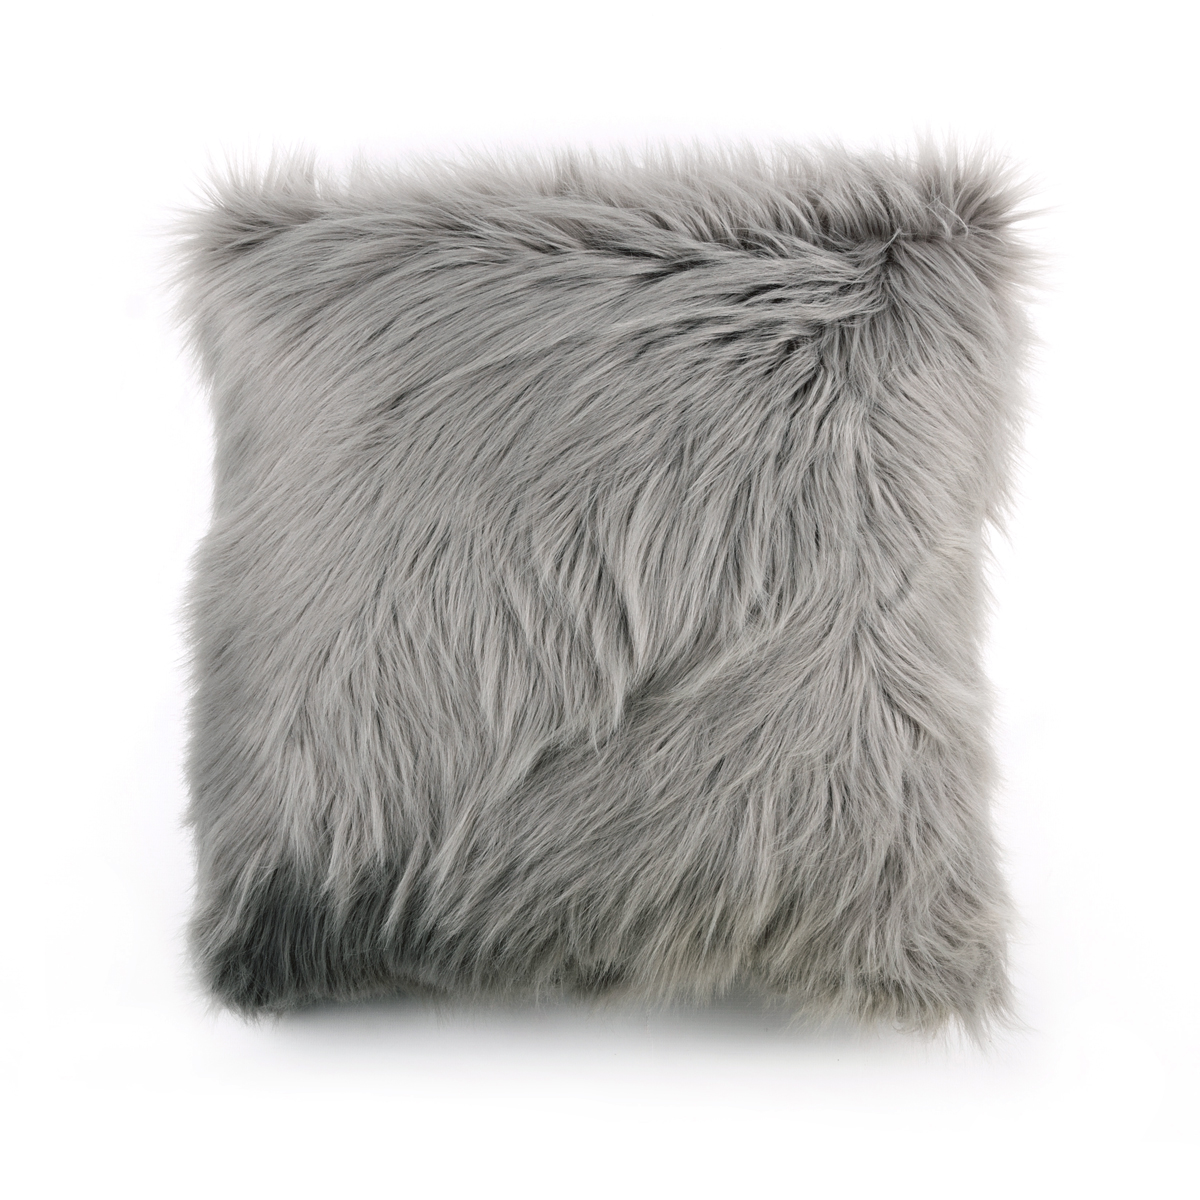 Купить Декоративные подушки Arya, Декоративная наволочка Van Цвет: Серый (45х45 см), Турция, Полиэстер